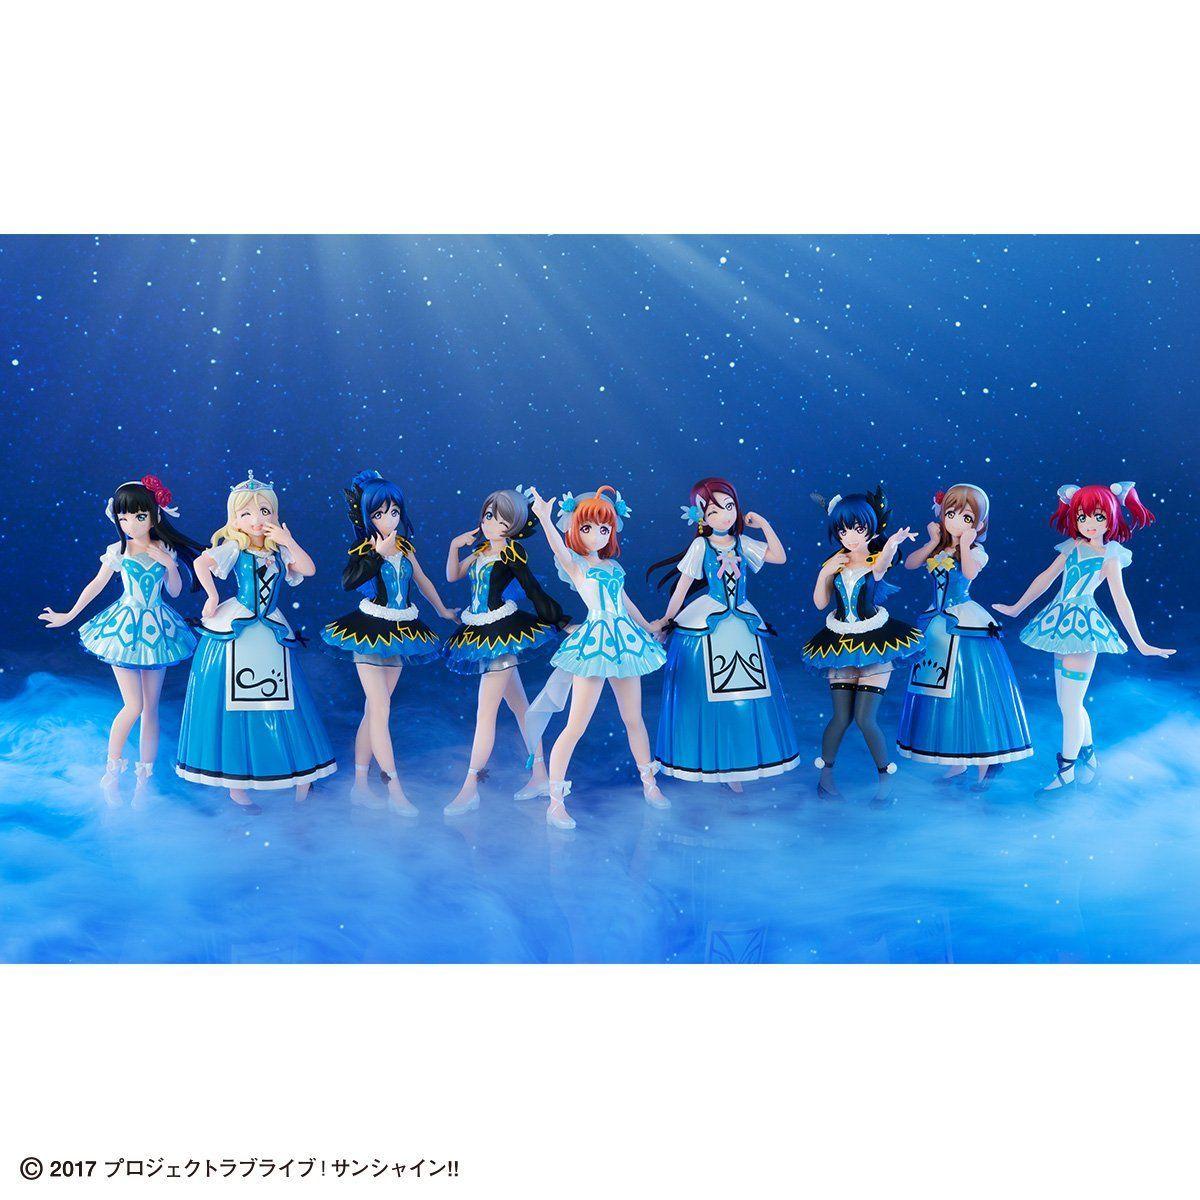 Gasha Portraits『ラブライブ!サンシャイン!! ~WATER BLUE NEW WORLD SET~』セット-001